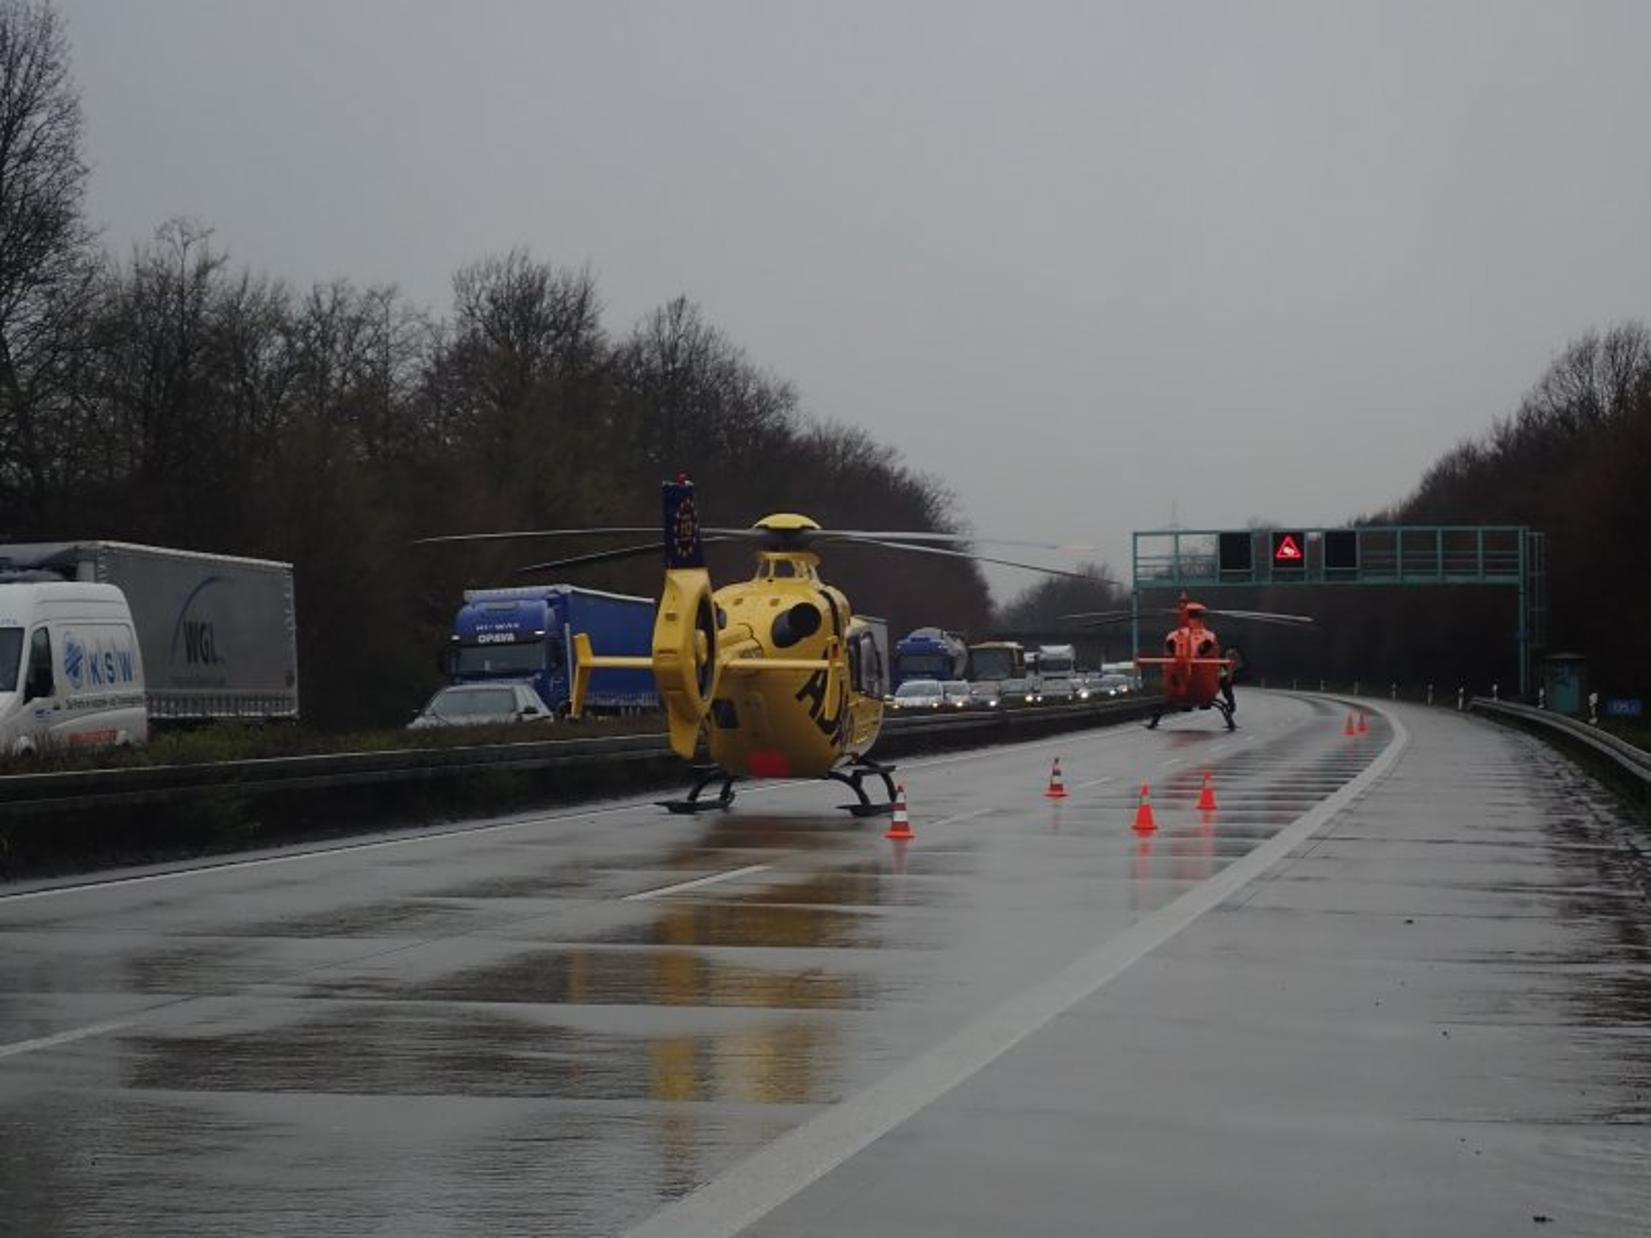 Lkw-Unfall auf der A44